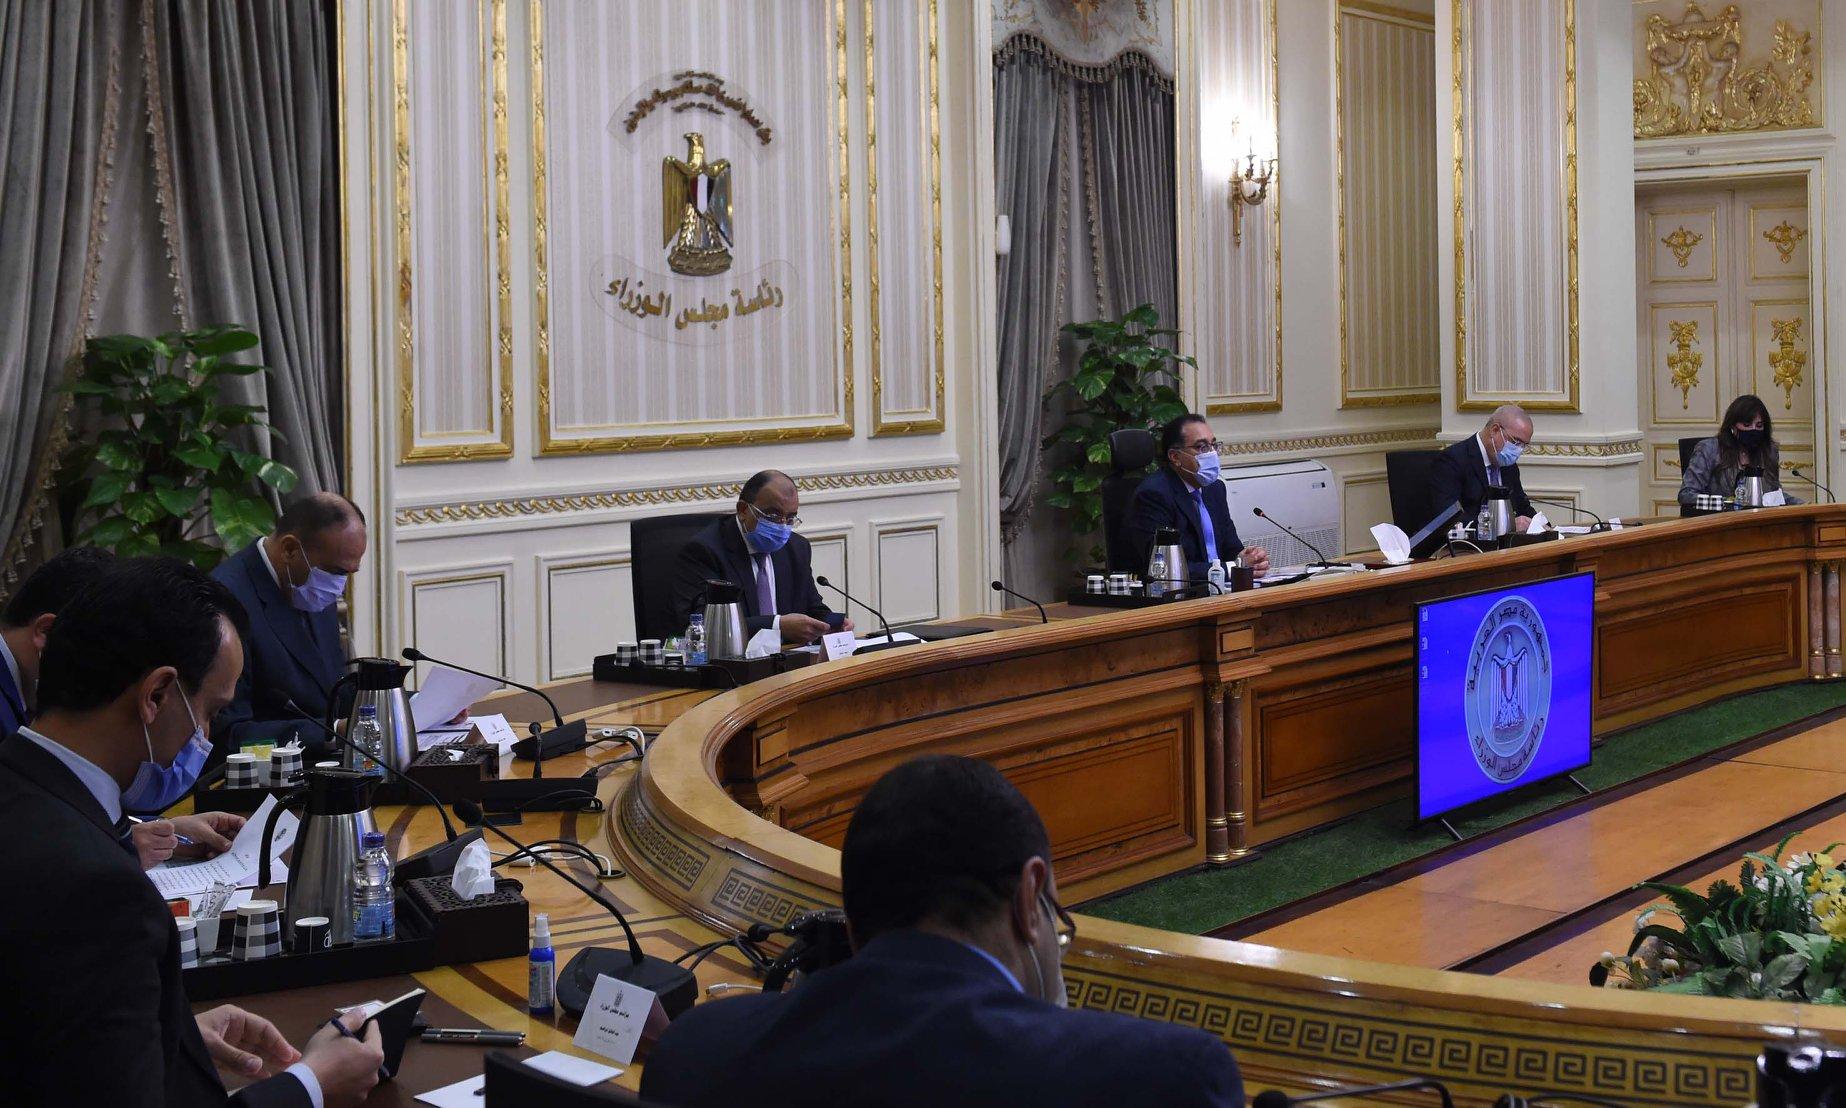 رئيس الوزراء يتابع تنفيذ التكليف الرئاسى بإنشاء مجمع للخدمات الحكومية بكل محافظة